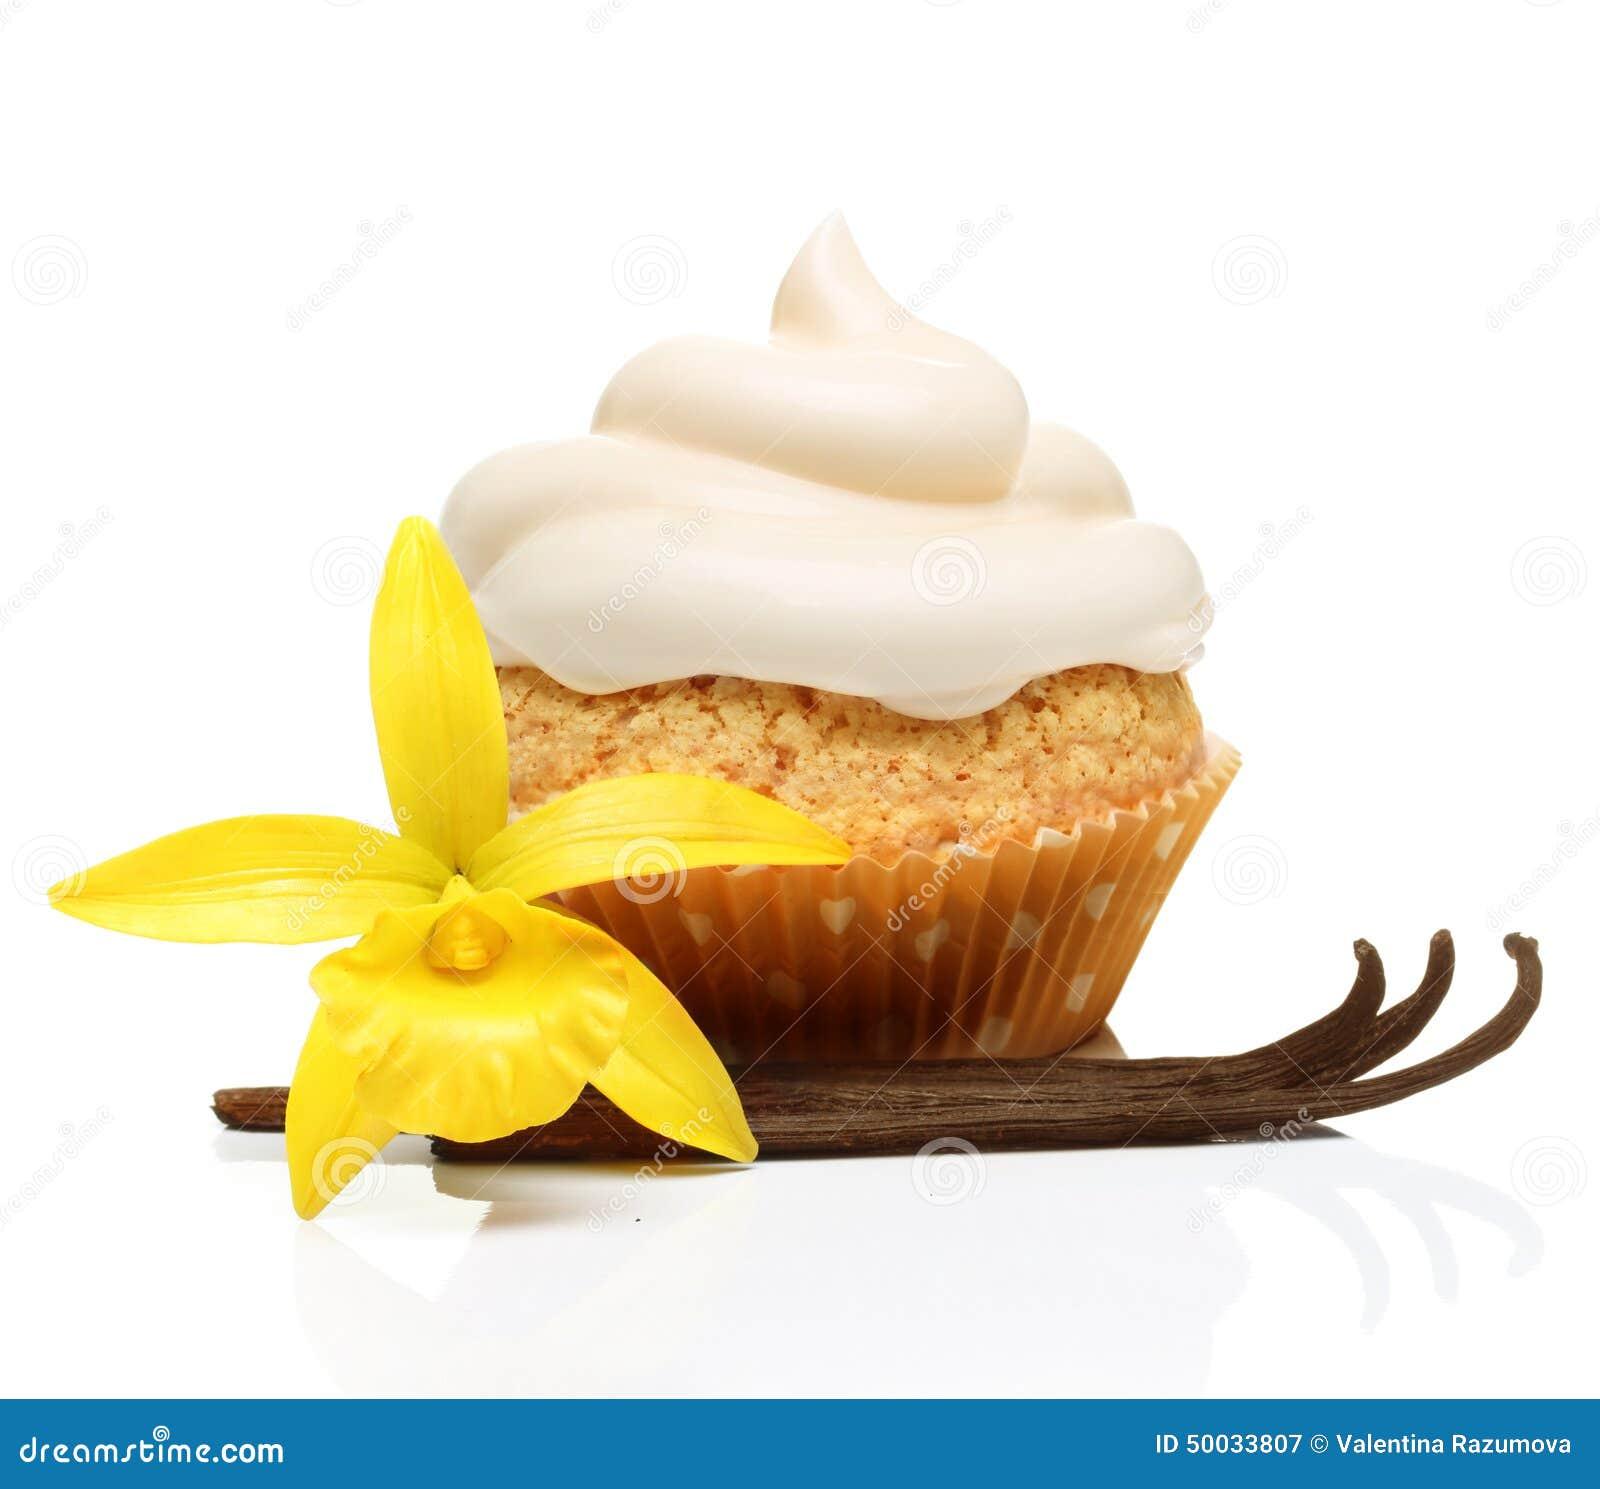 Süßspeise, kleiner Kuchen mit Vanillehülsen